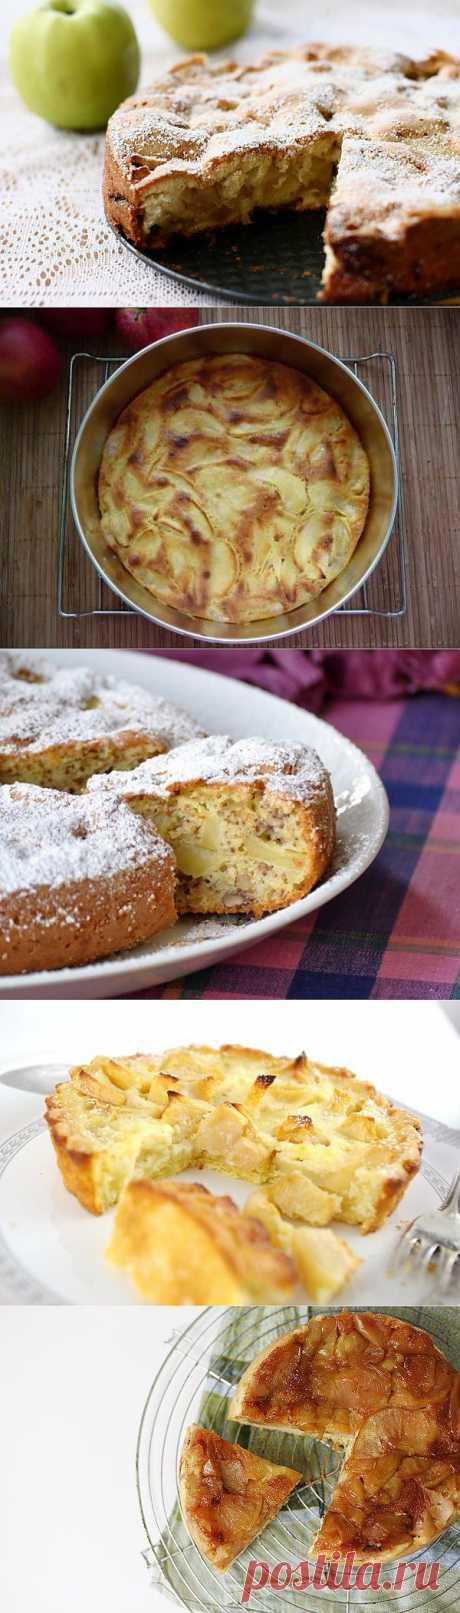 Рецепт шарлотки с яблоками: ТОП-5 способов приготовления